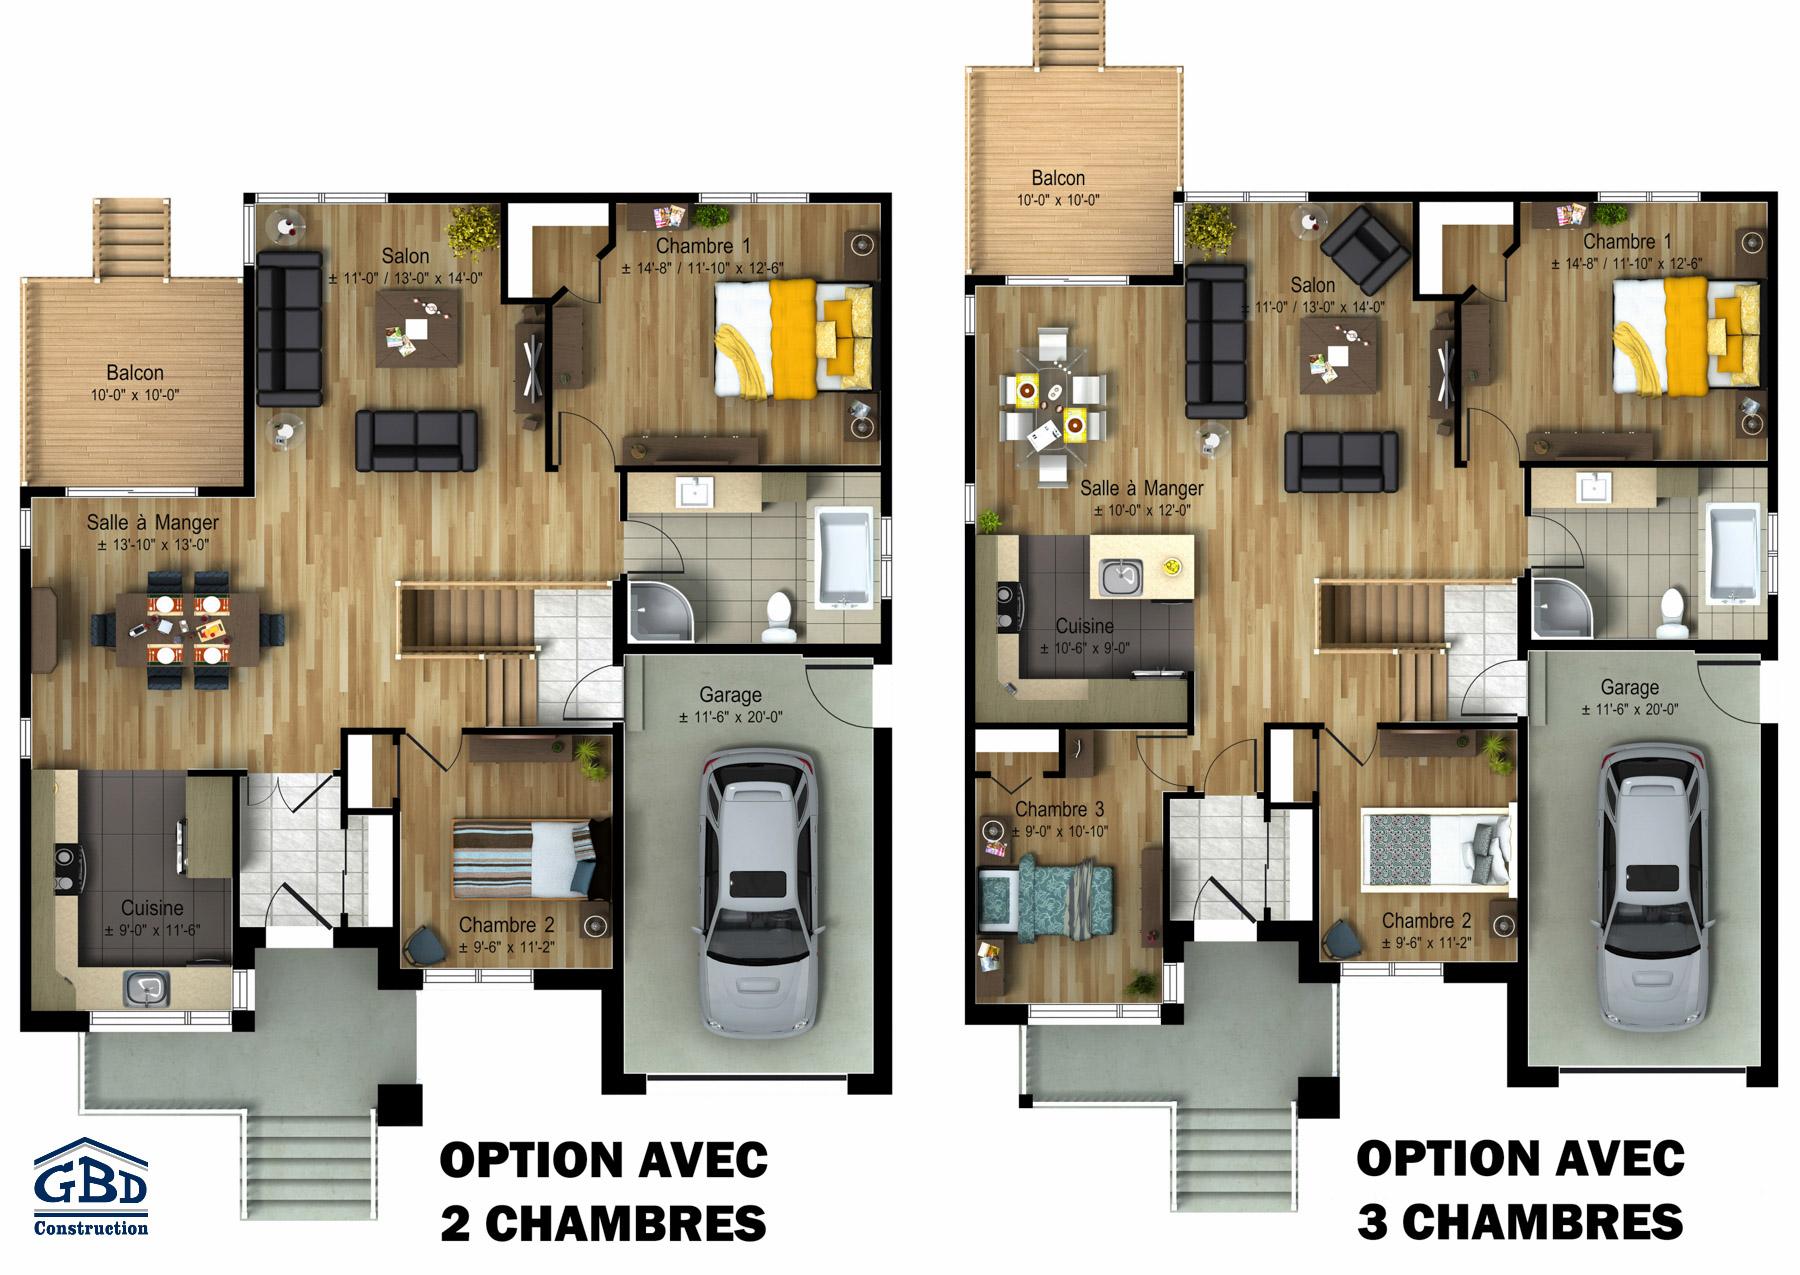 Mentor maison neuve un tage de type plain pied gbd - Plan maison jumelee par le garage ...